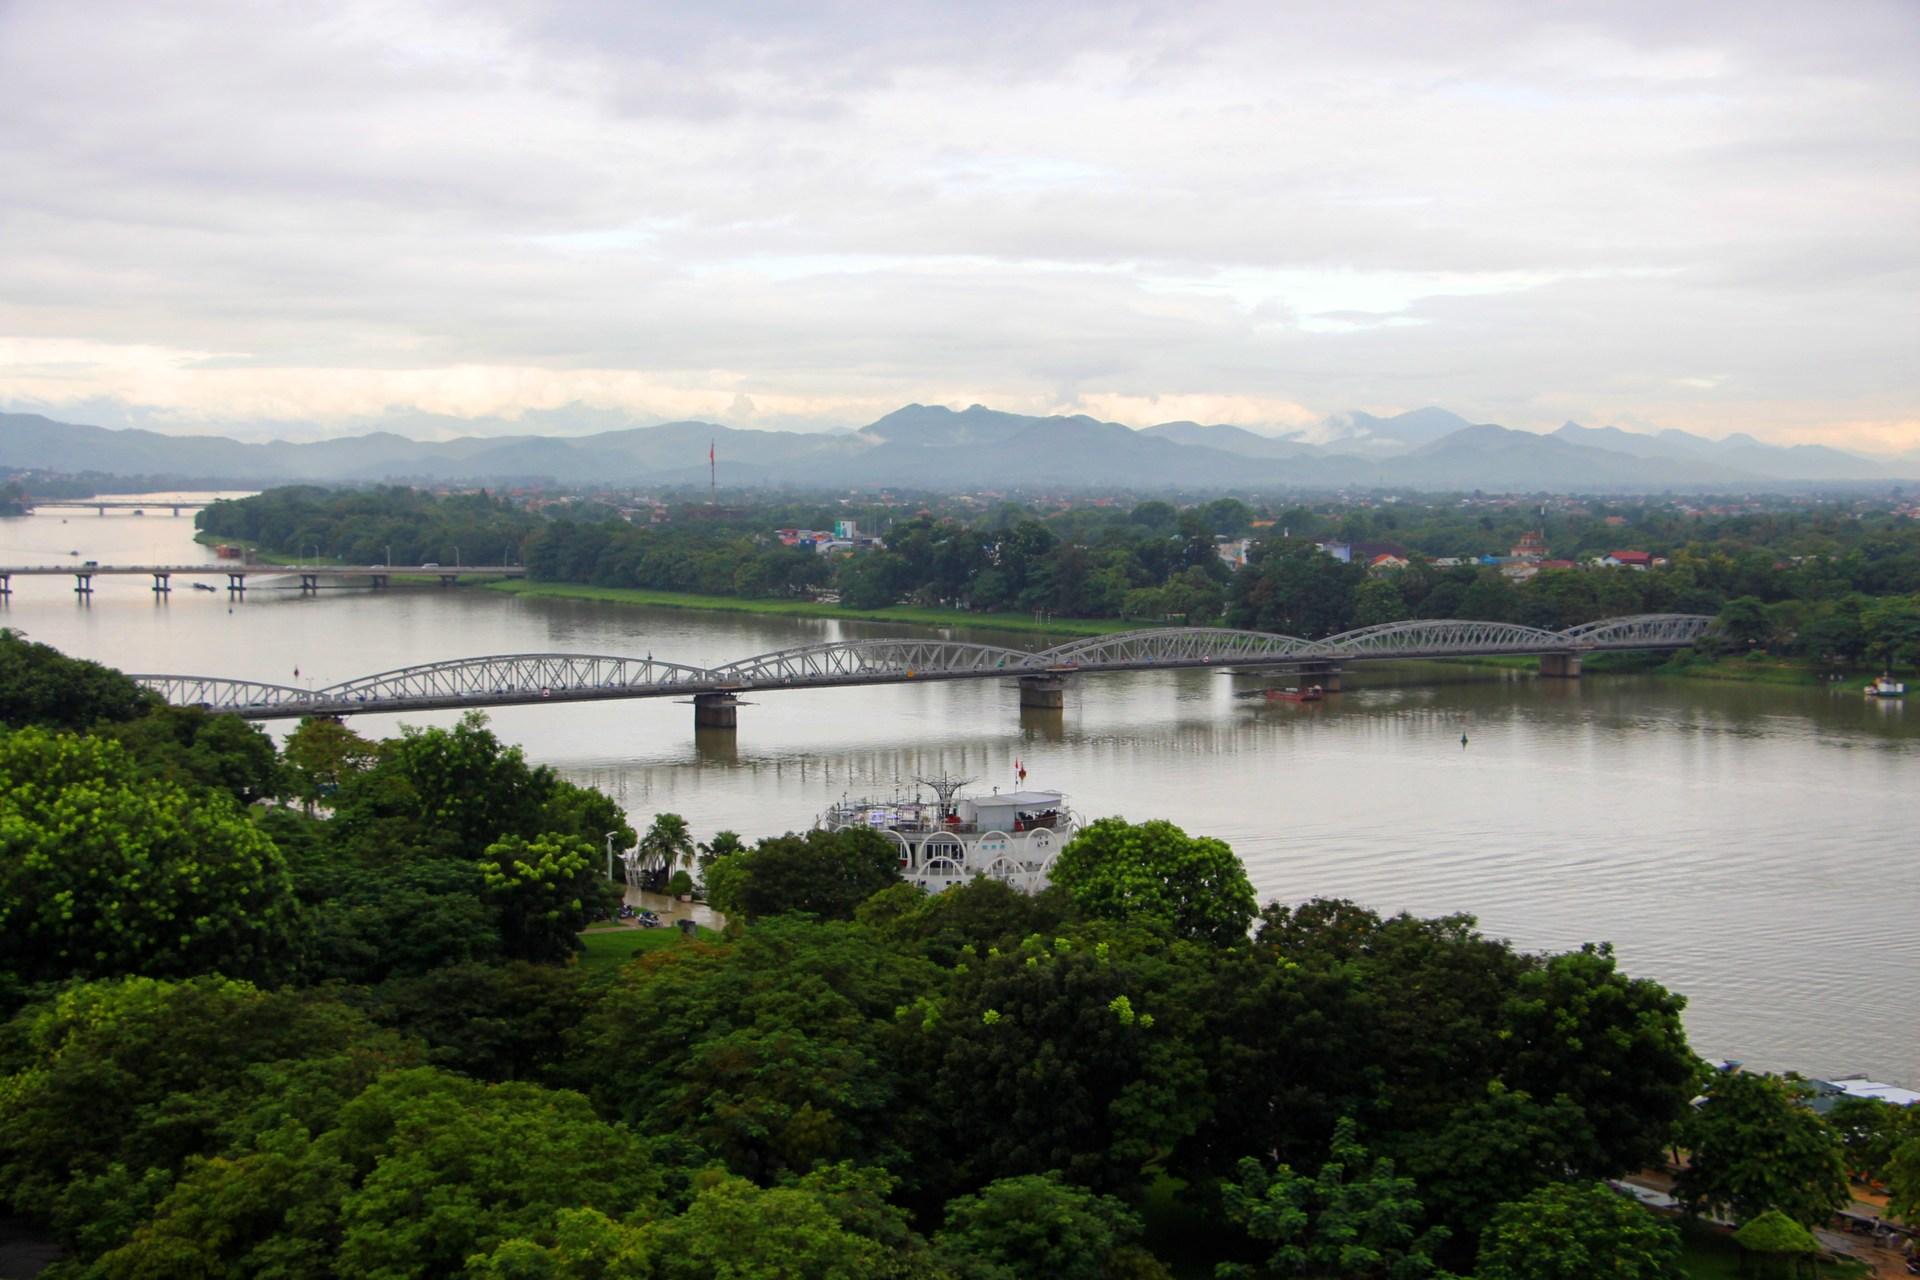 Cây cầu thế kỷ của xứ Huế MG-1775_1507998858_VnEx